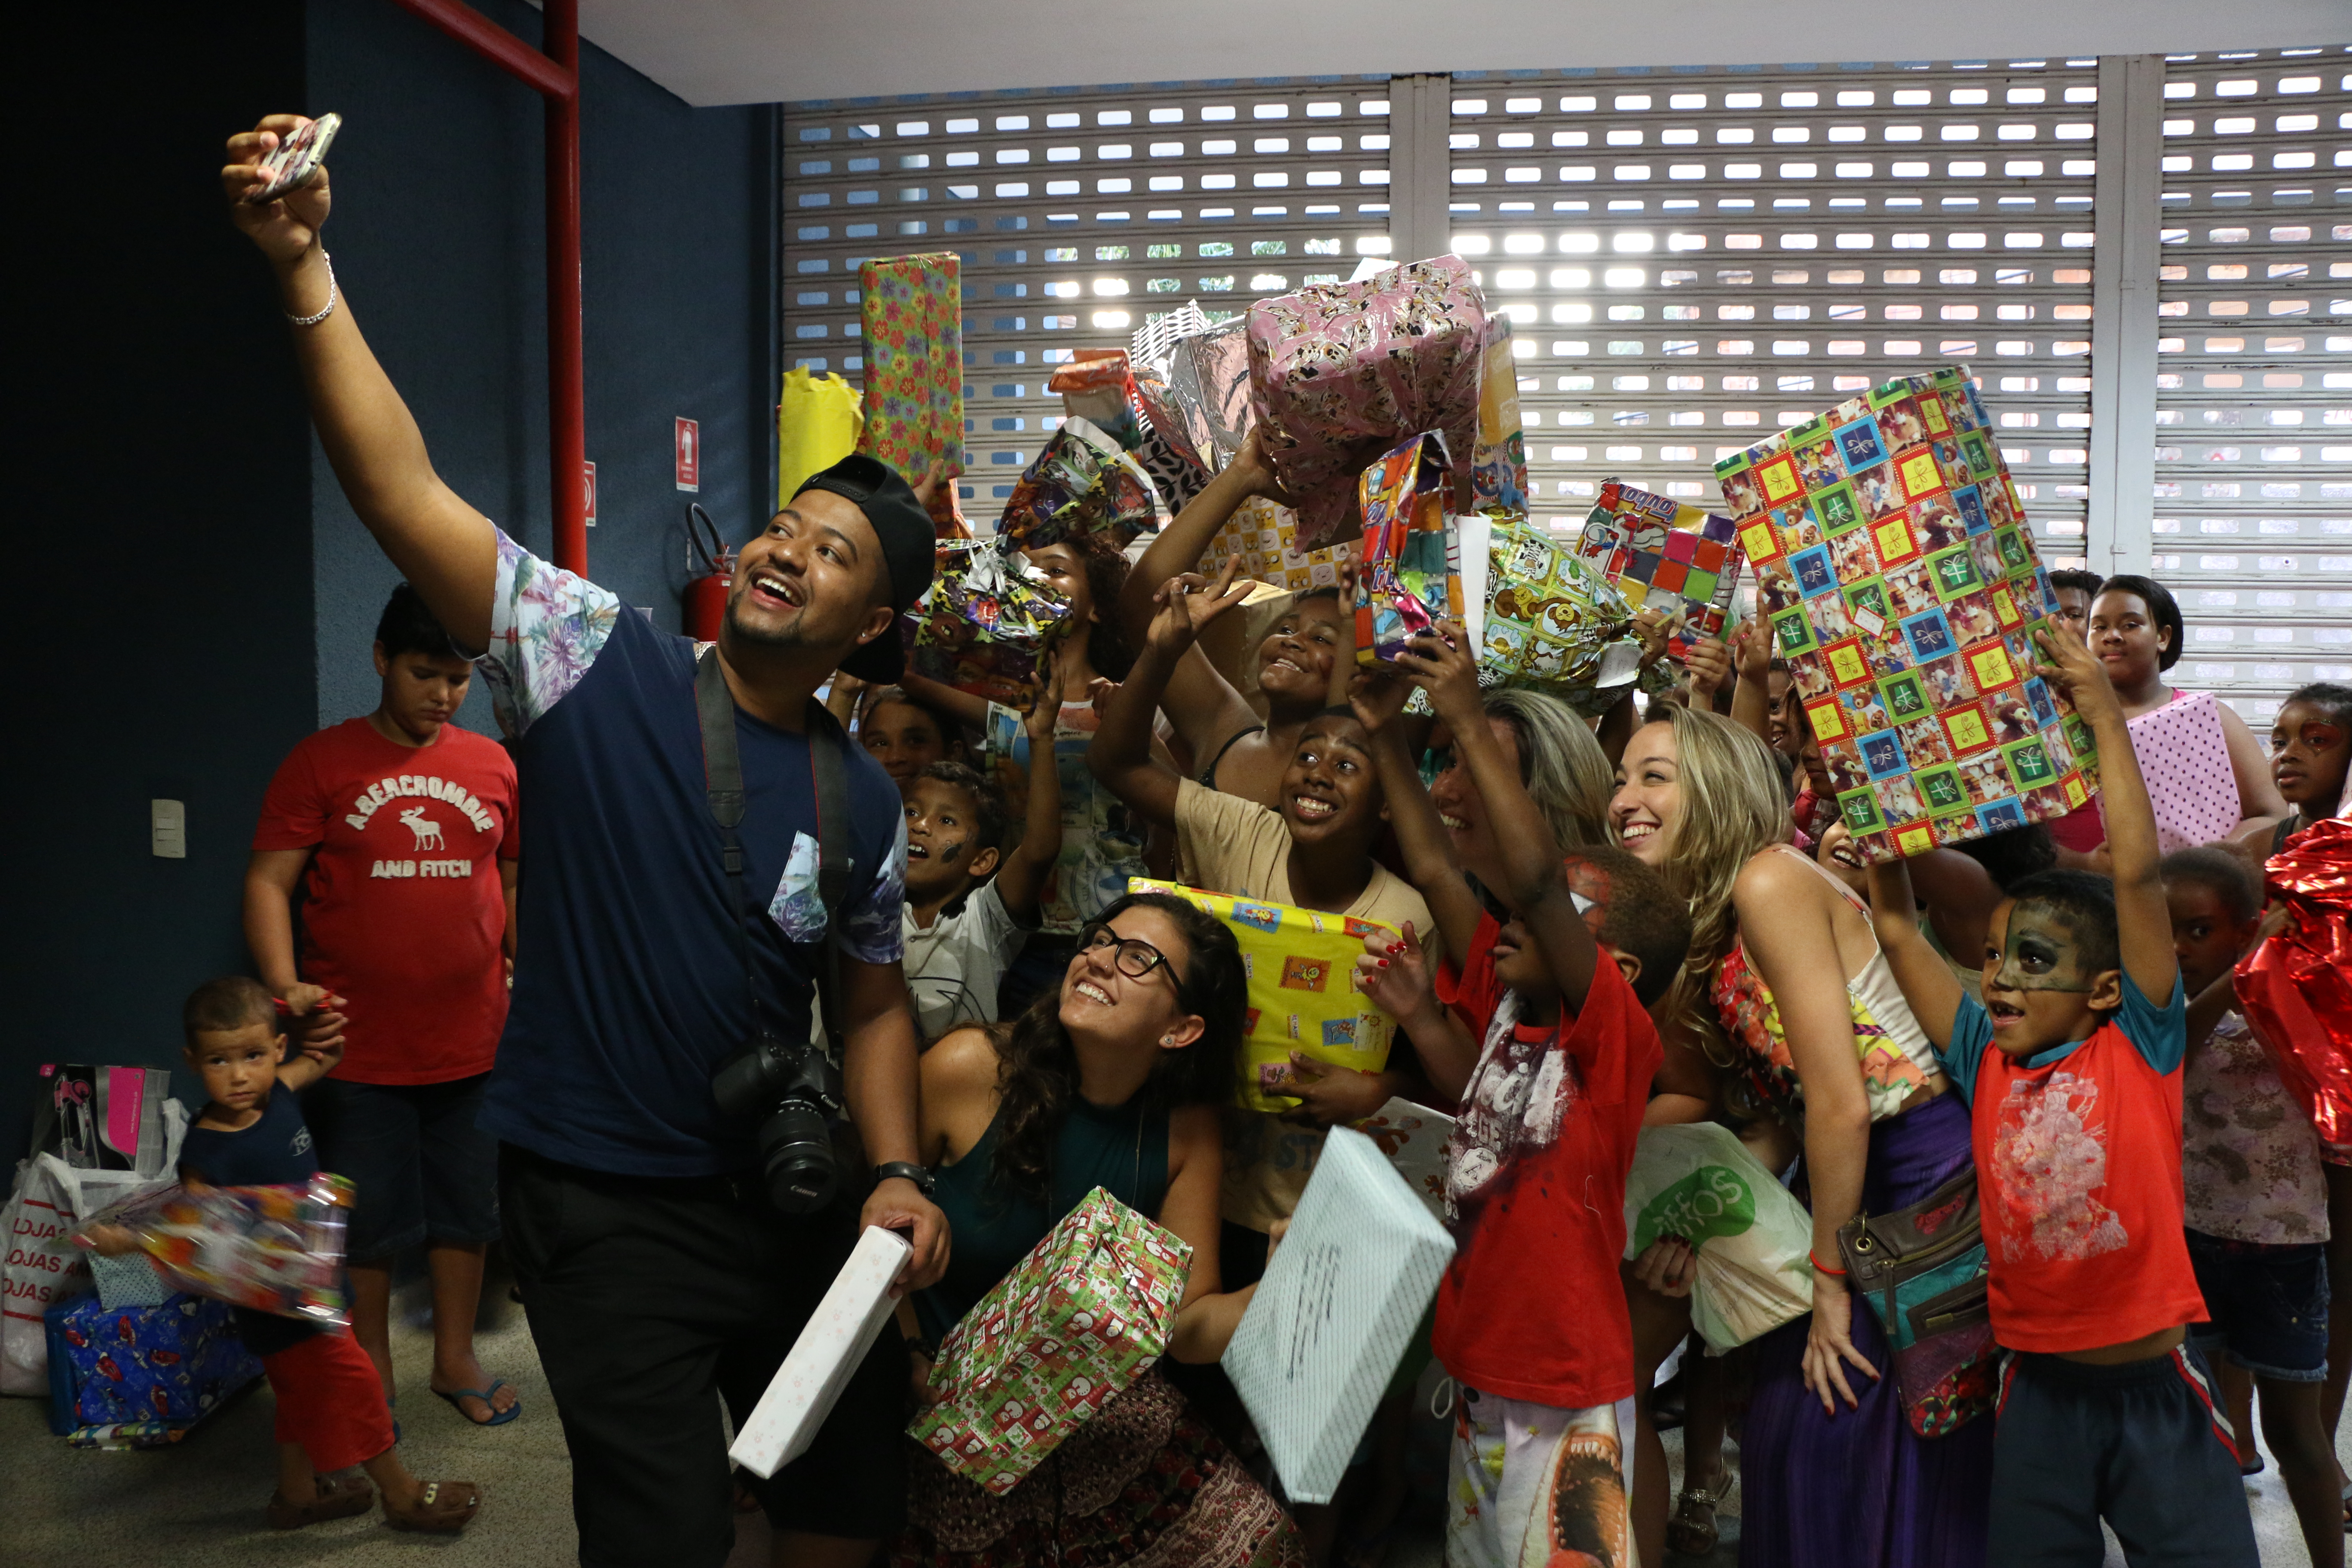 Evento promoveu alegria para mais de 200 crianças nesta sexta feira no Complexo do Alemão